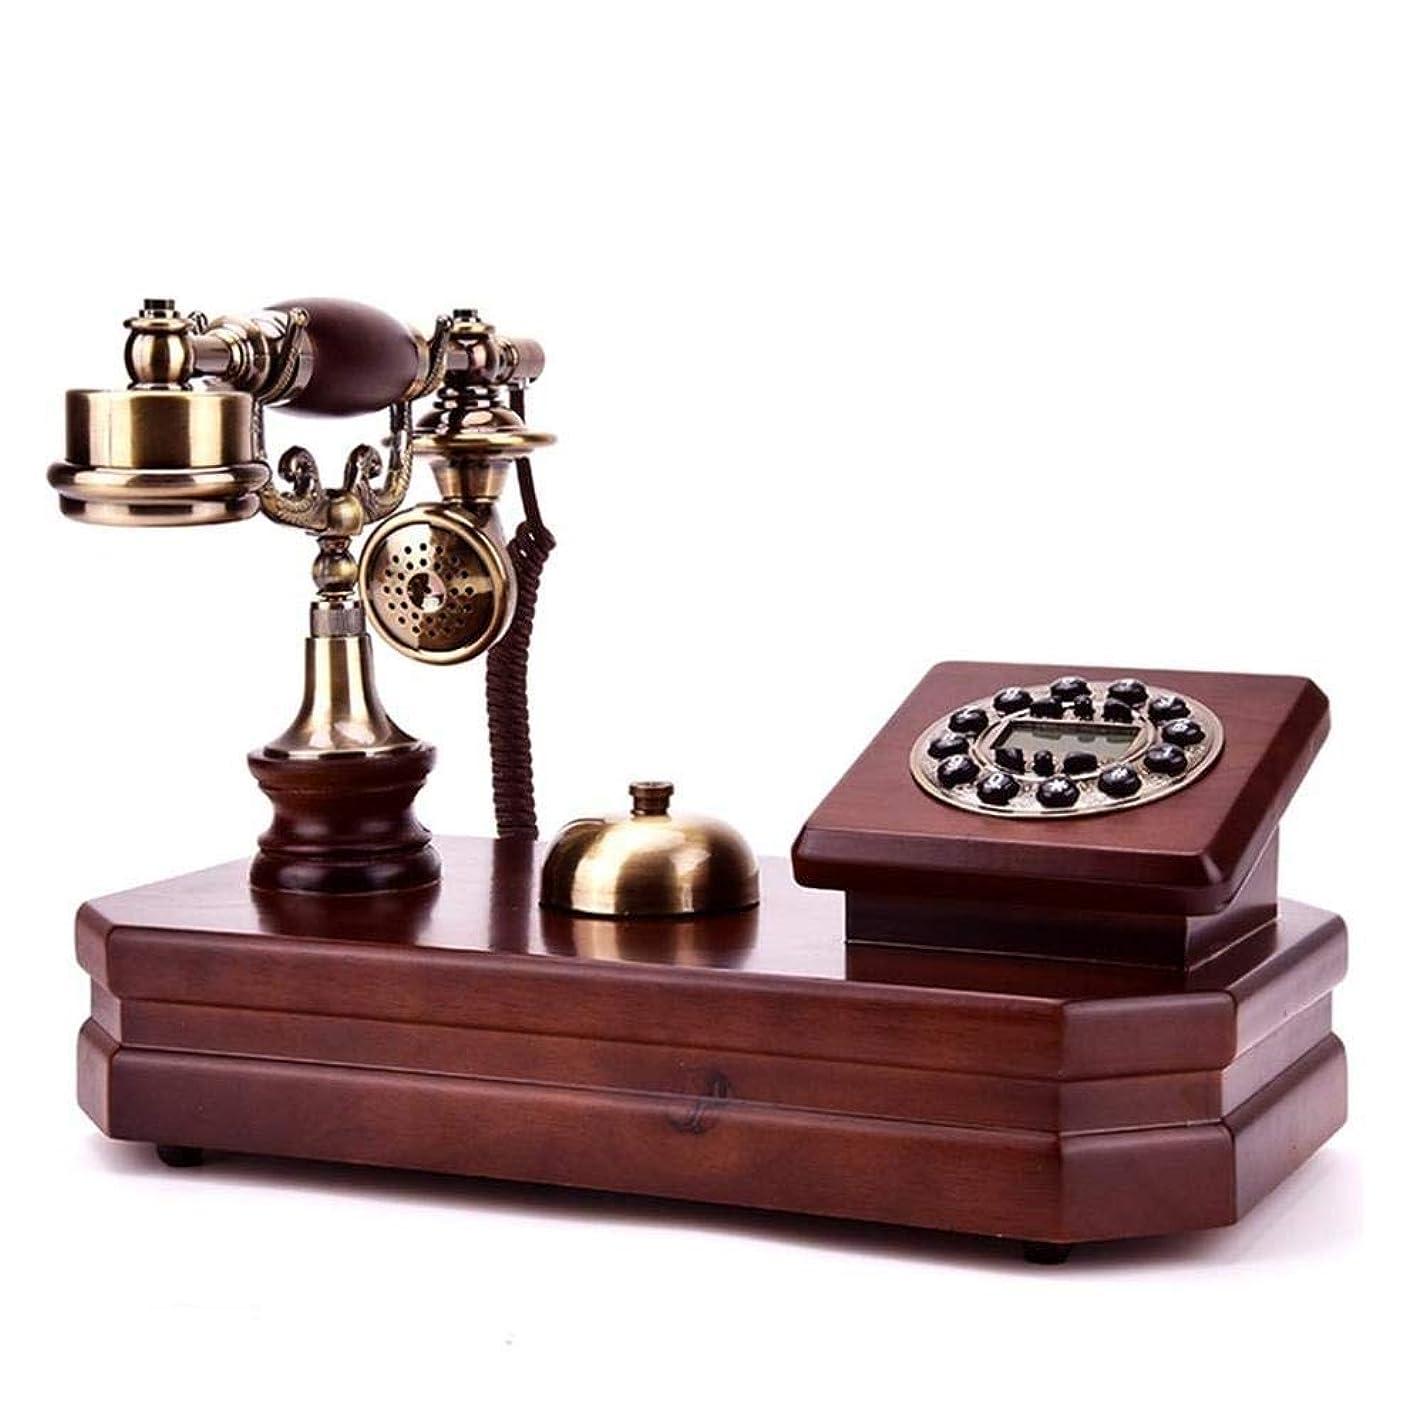 一般化するブレーク熱狂的な固定電話 電話 - 純粋な純木電話アンティーク昔ながらのヨーロッパの家レトロターンテーブル固定電話局固定回線 (Color : Turntable Mechanical Double Bell)